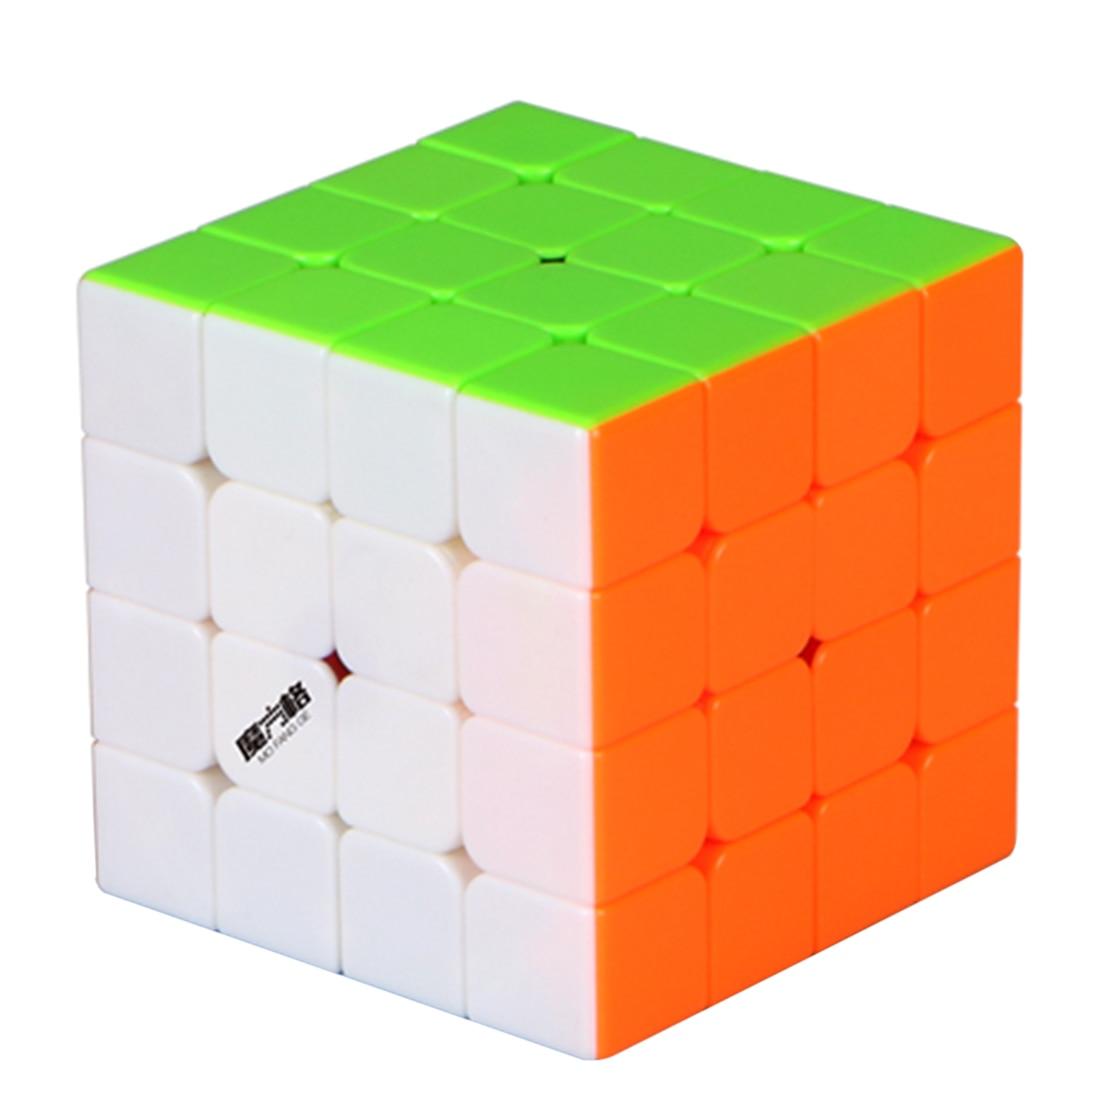 QiYi Mofangge Thunderclap Mini 6.0cm 4x4x4 Magic Cube Puzzle Toy for CompetitionQiYi Mofangge Thunderclap Mini 6.0cm 4x4x4 Magic Cube Puzzle Toy for Competition